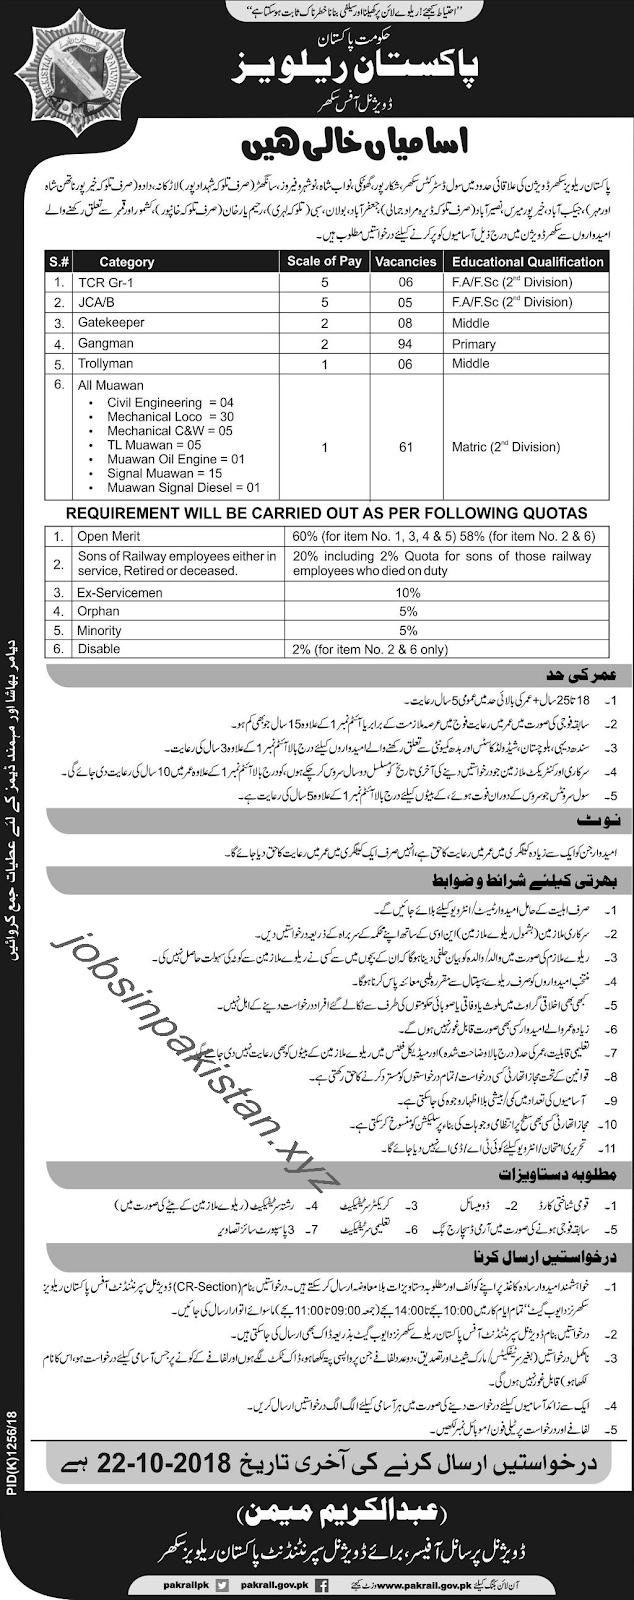 Pakistan Railway Sukkur Jobs 2018 Advertisement